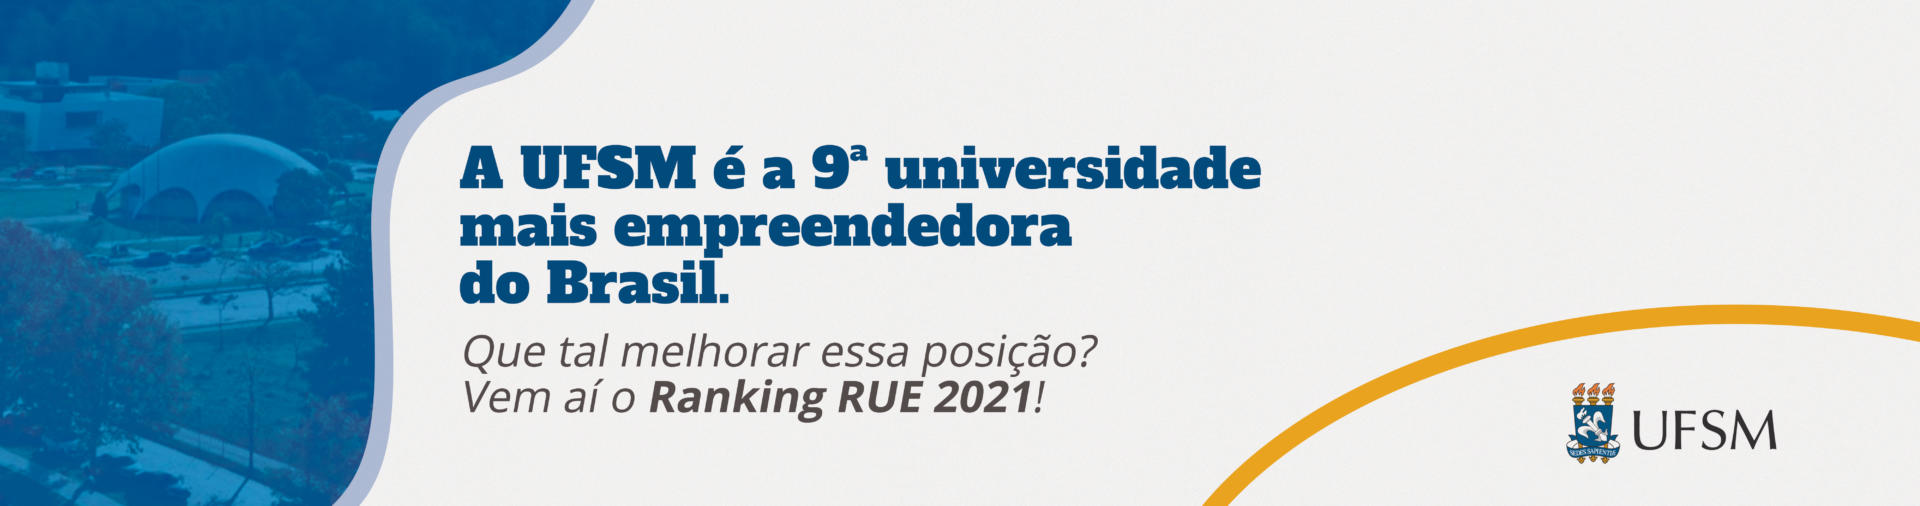 Banner branco e azul com texto: A UFSM é a 9ª universidade mais empreendedora do Brasil. Que tal melhorar essa posição. Vem aí o Ranking RUE 2021!